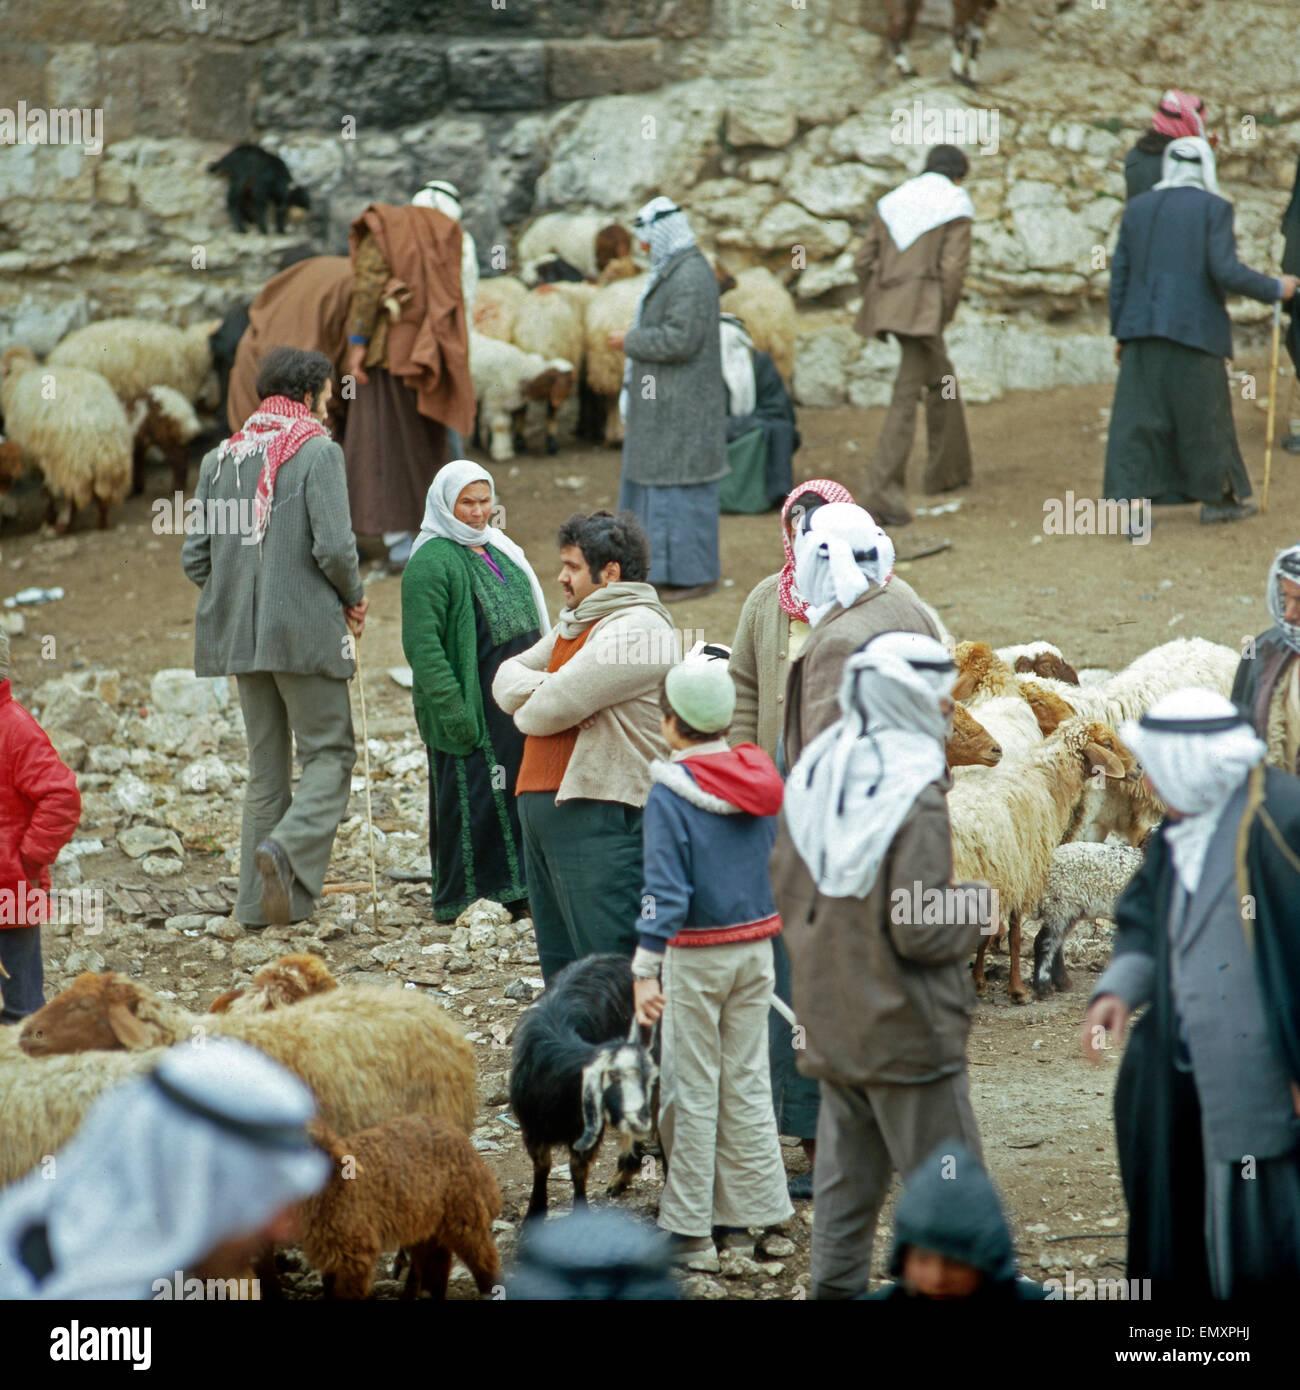 Kunden Und Händler Auf Dem Viehmarkt in Hebron, Israel Ende 1970er Jahre. Debitoren und Kreditoren auf dem Stockbild